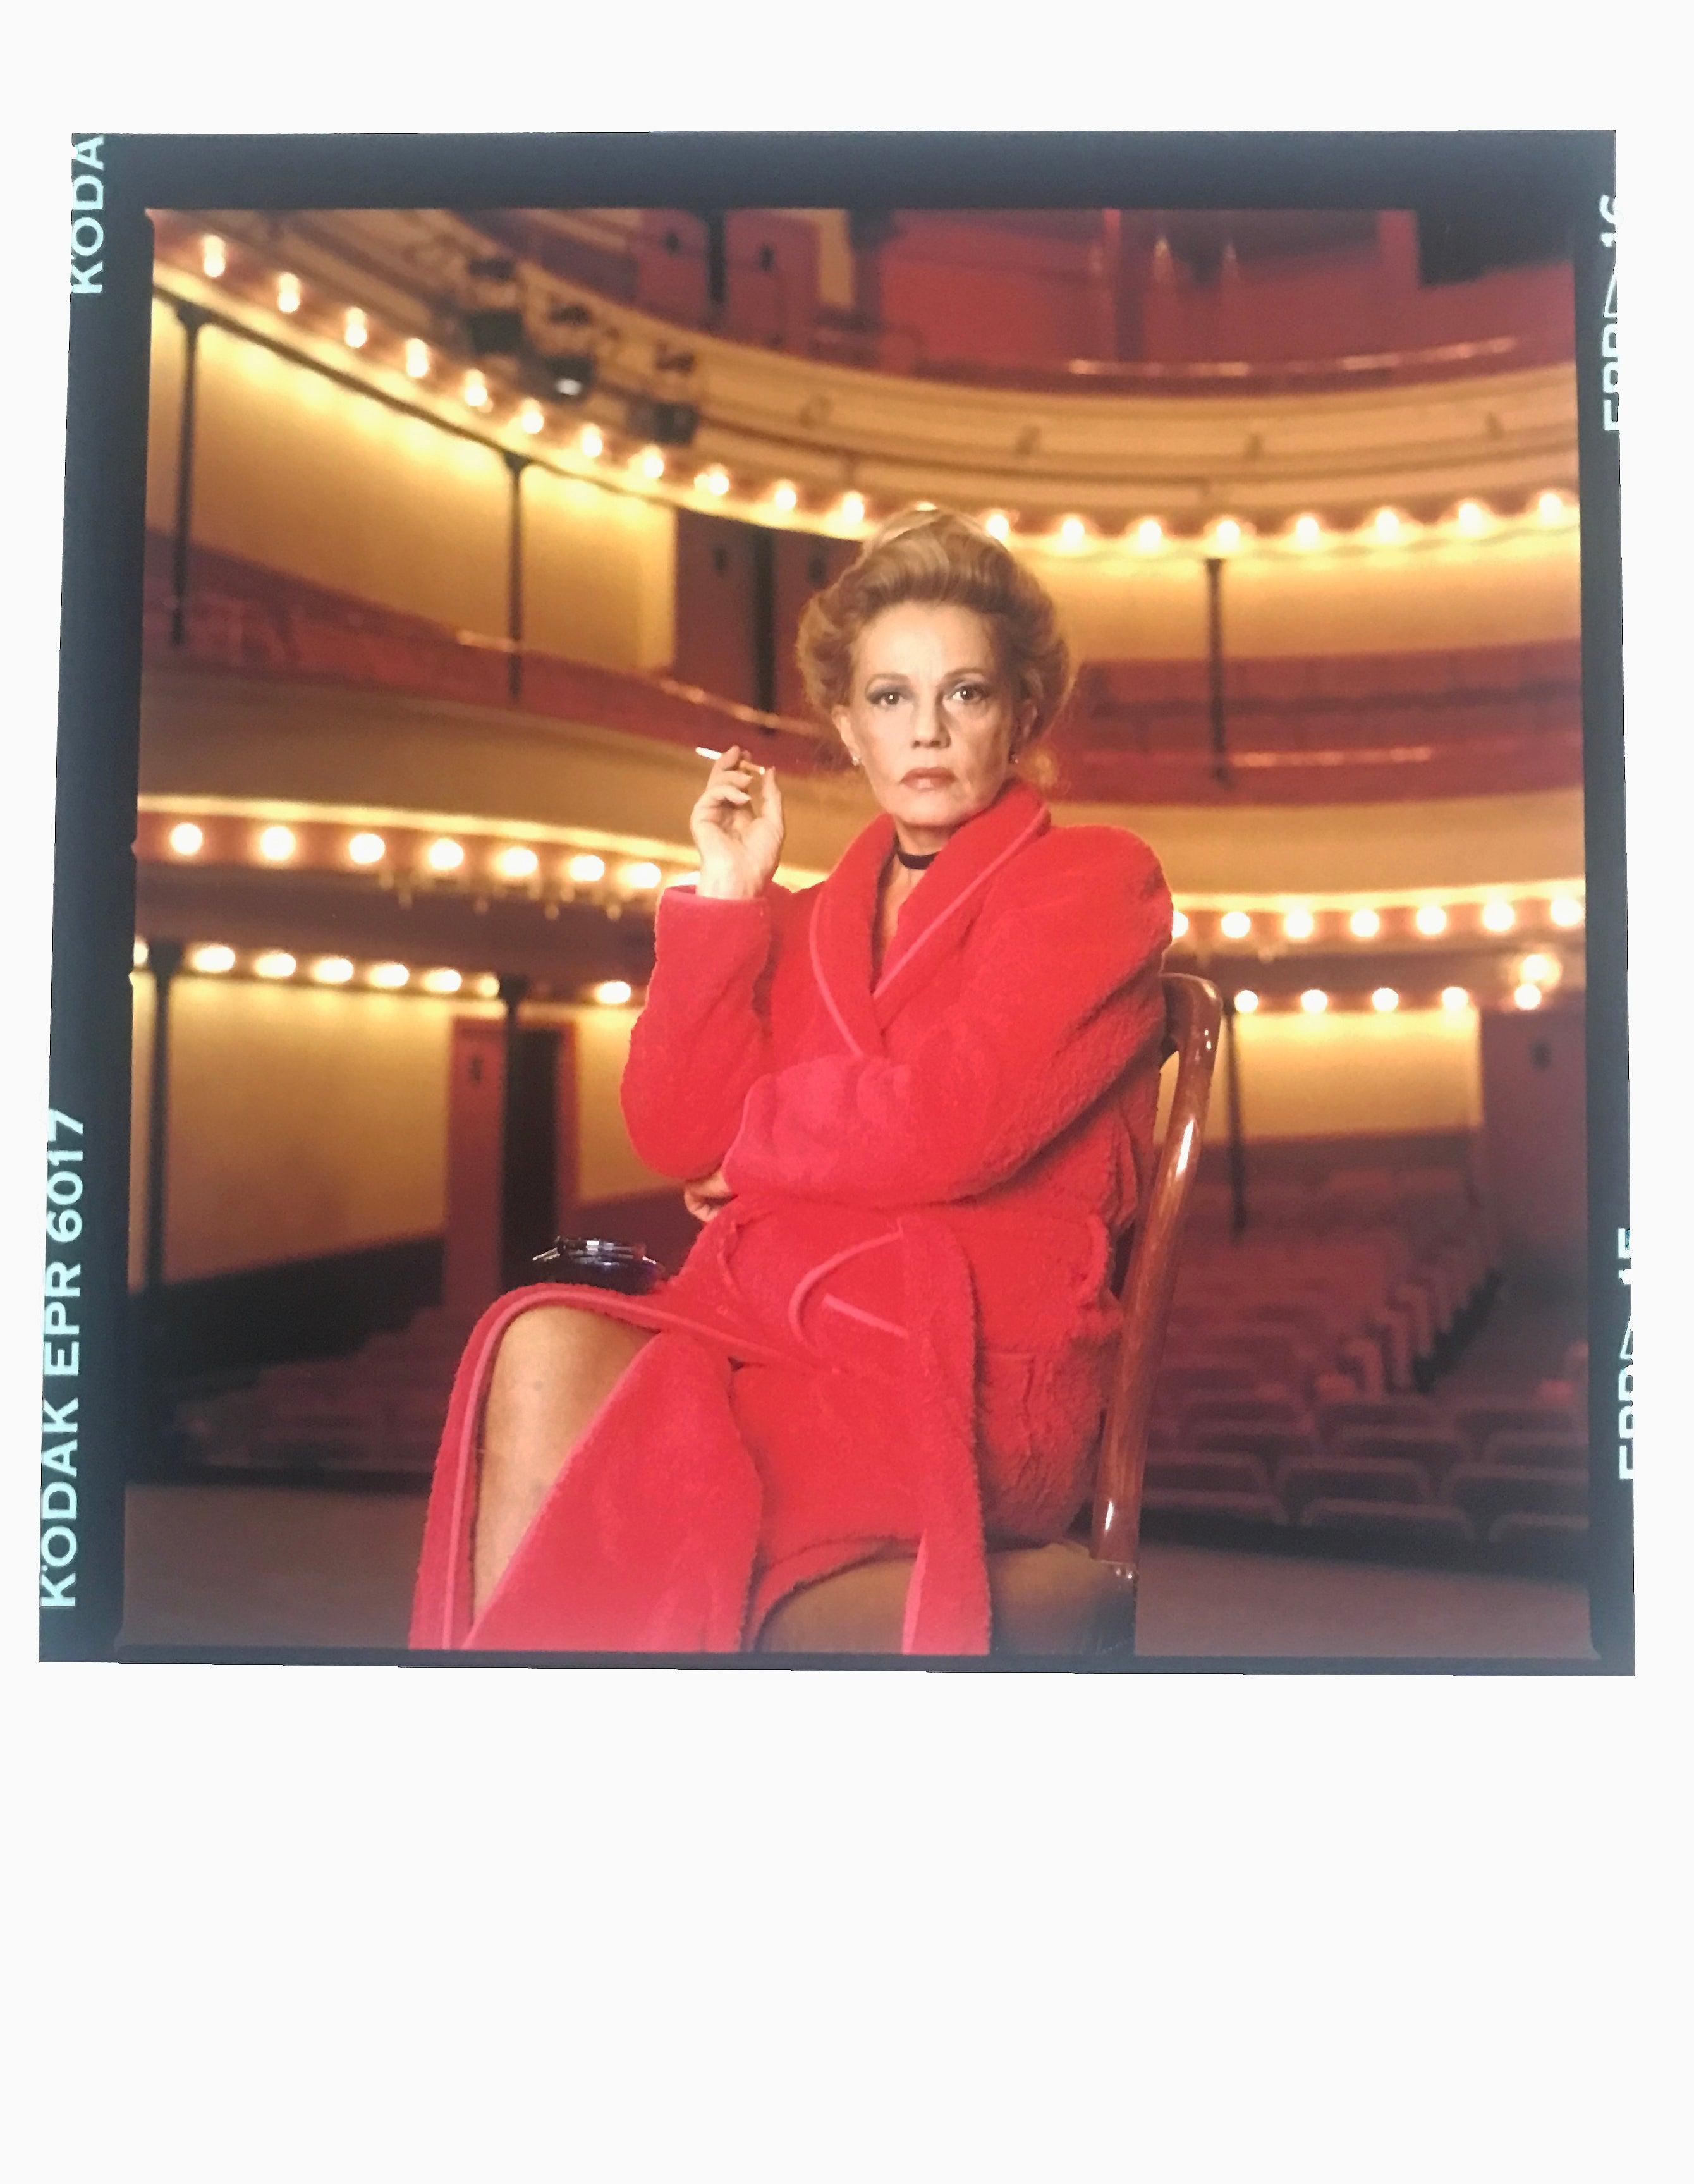 Jeanne Moreau, Paris, Contemporary Color Portrait of Iconic French Actress